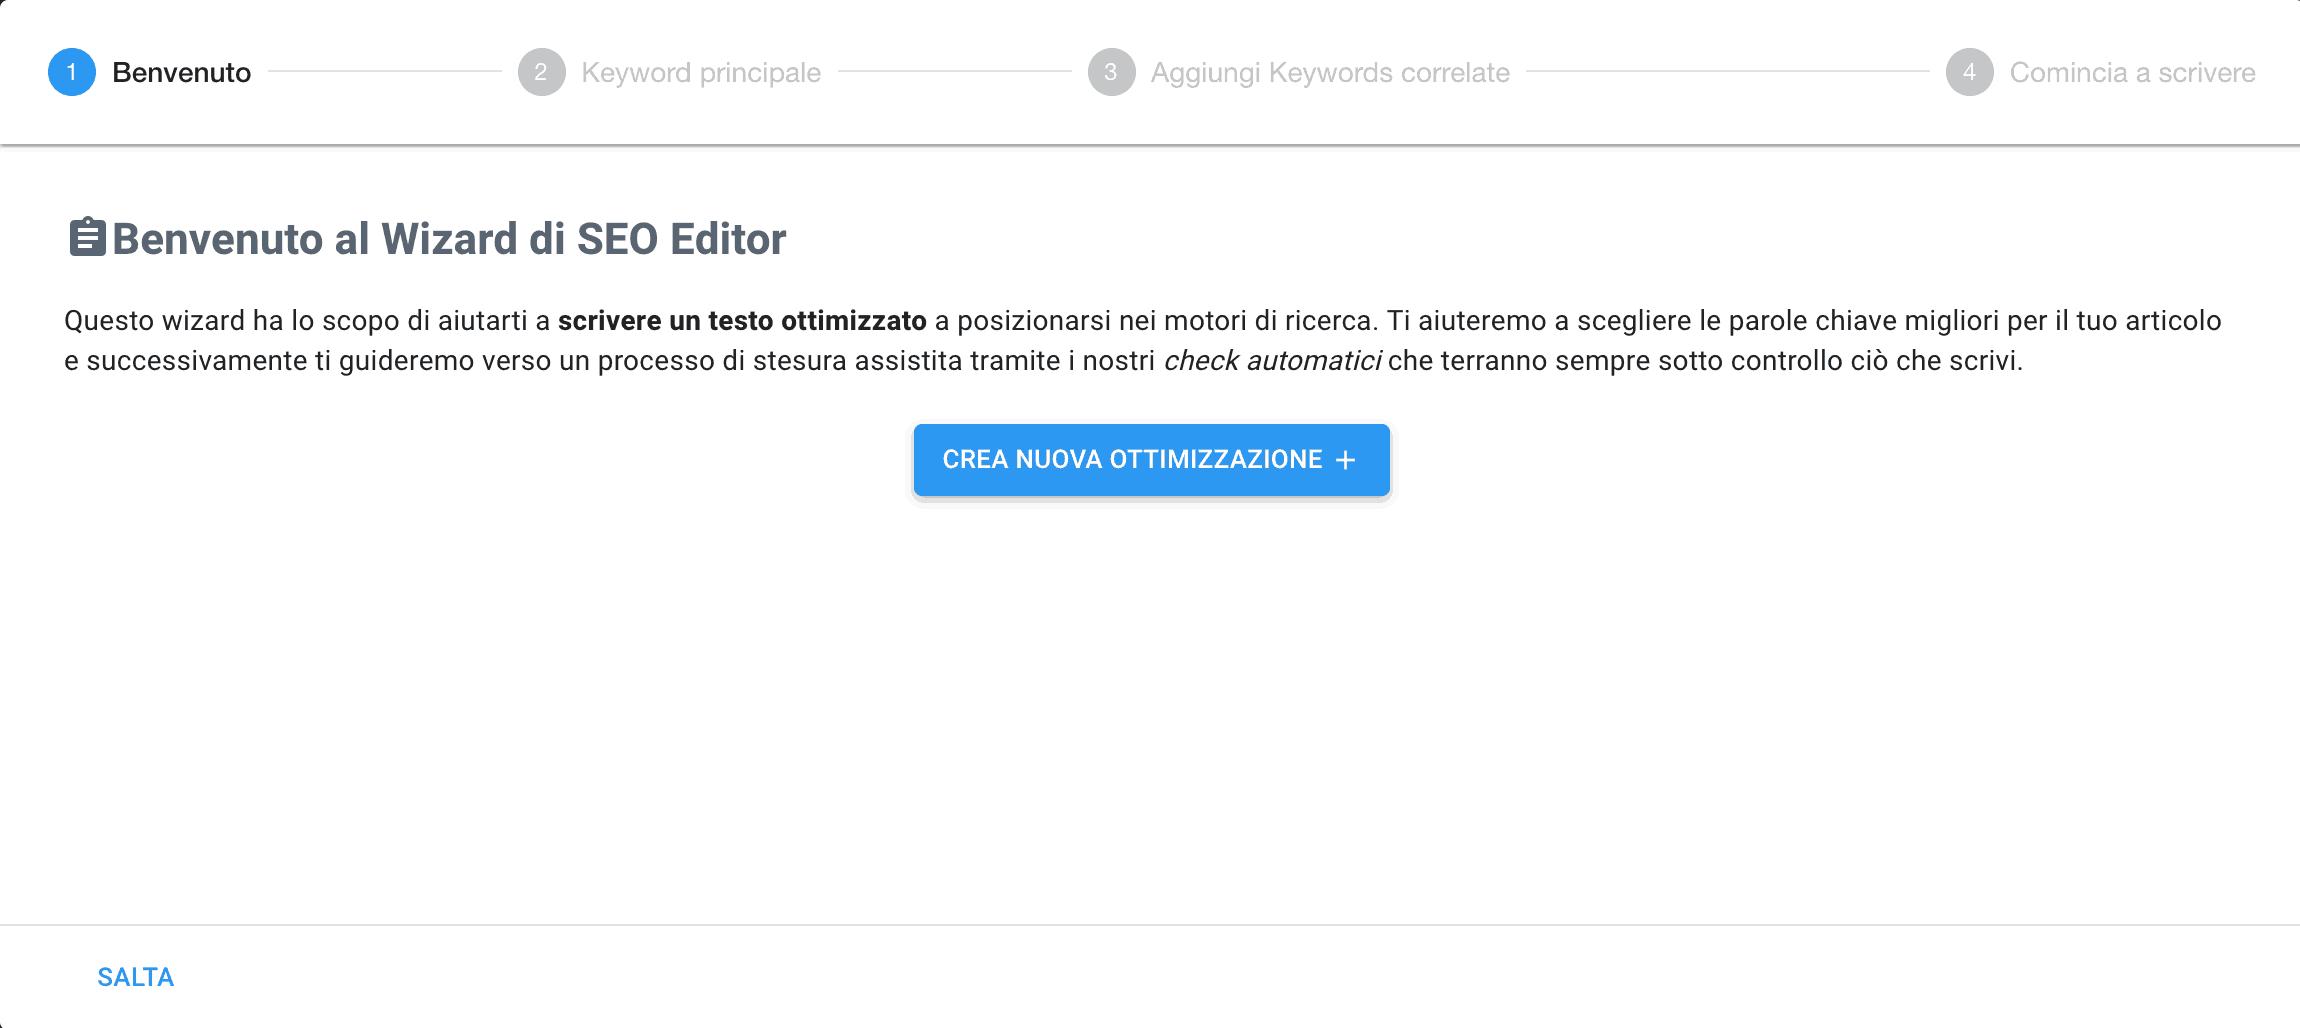 SEO Editor Wizard 1